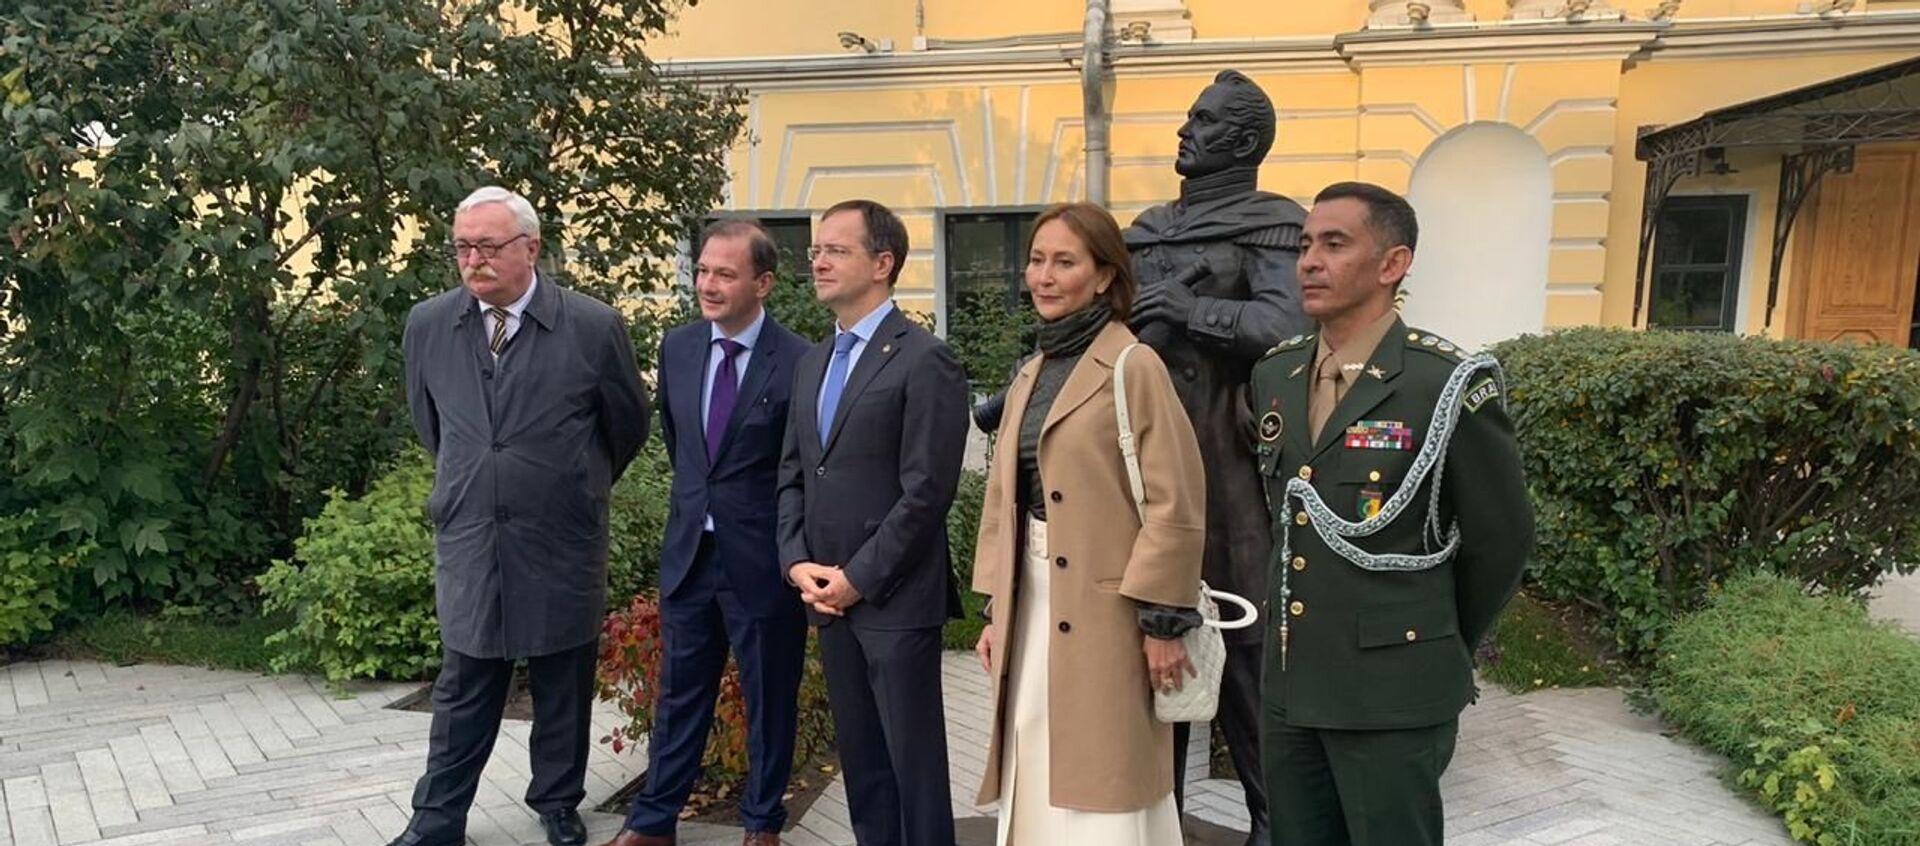 Inauguración de un monumento al descubridor ruso de la Antártida, Fadéi (Fabian Gottlieb) Bellingshausen, en Moscú que se entregará a Brasil - Sputnik Mundo, 1920, 29.09.2020